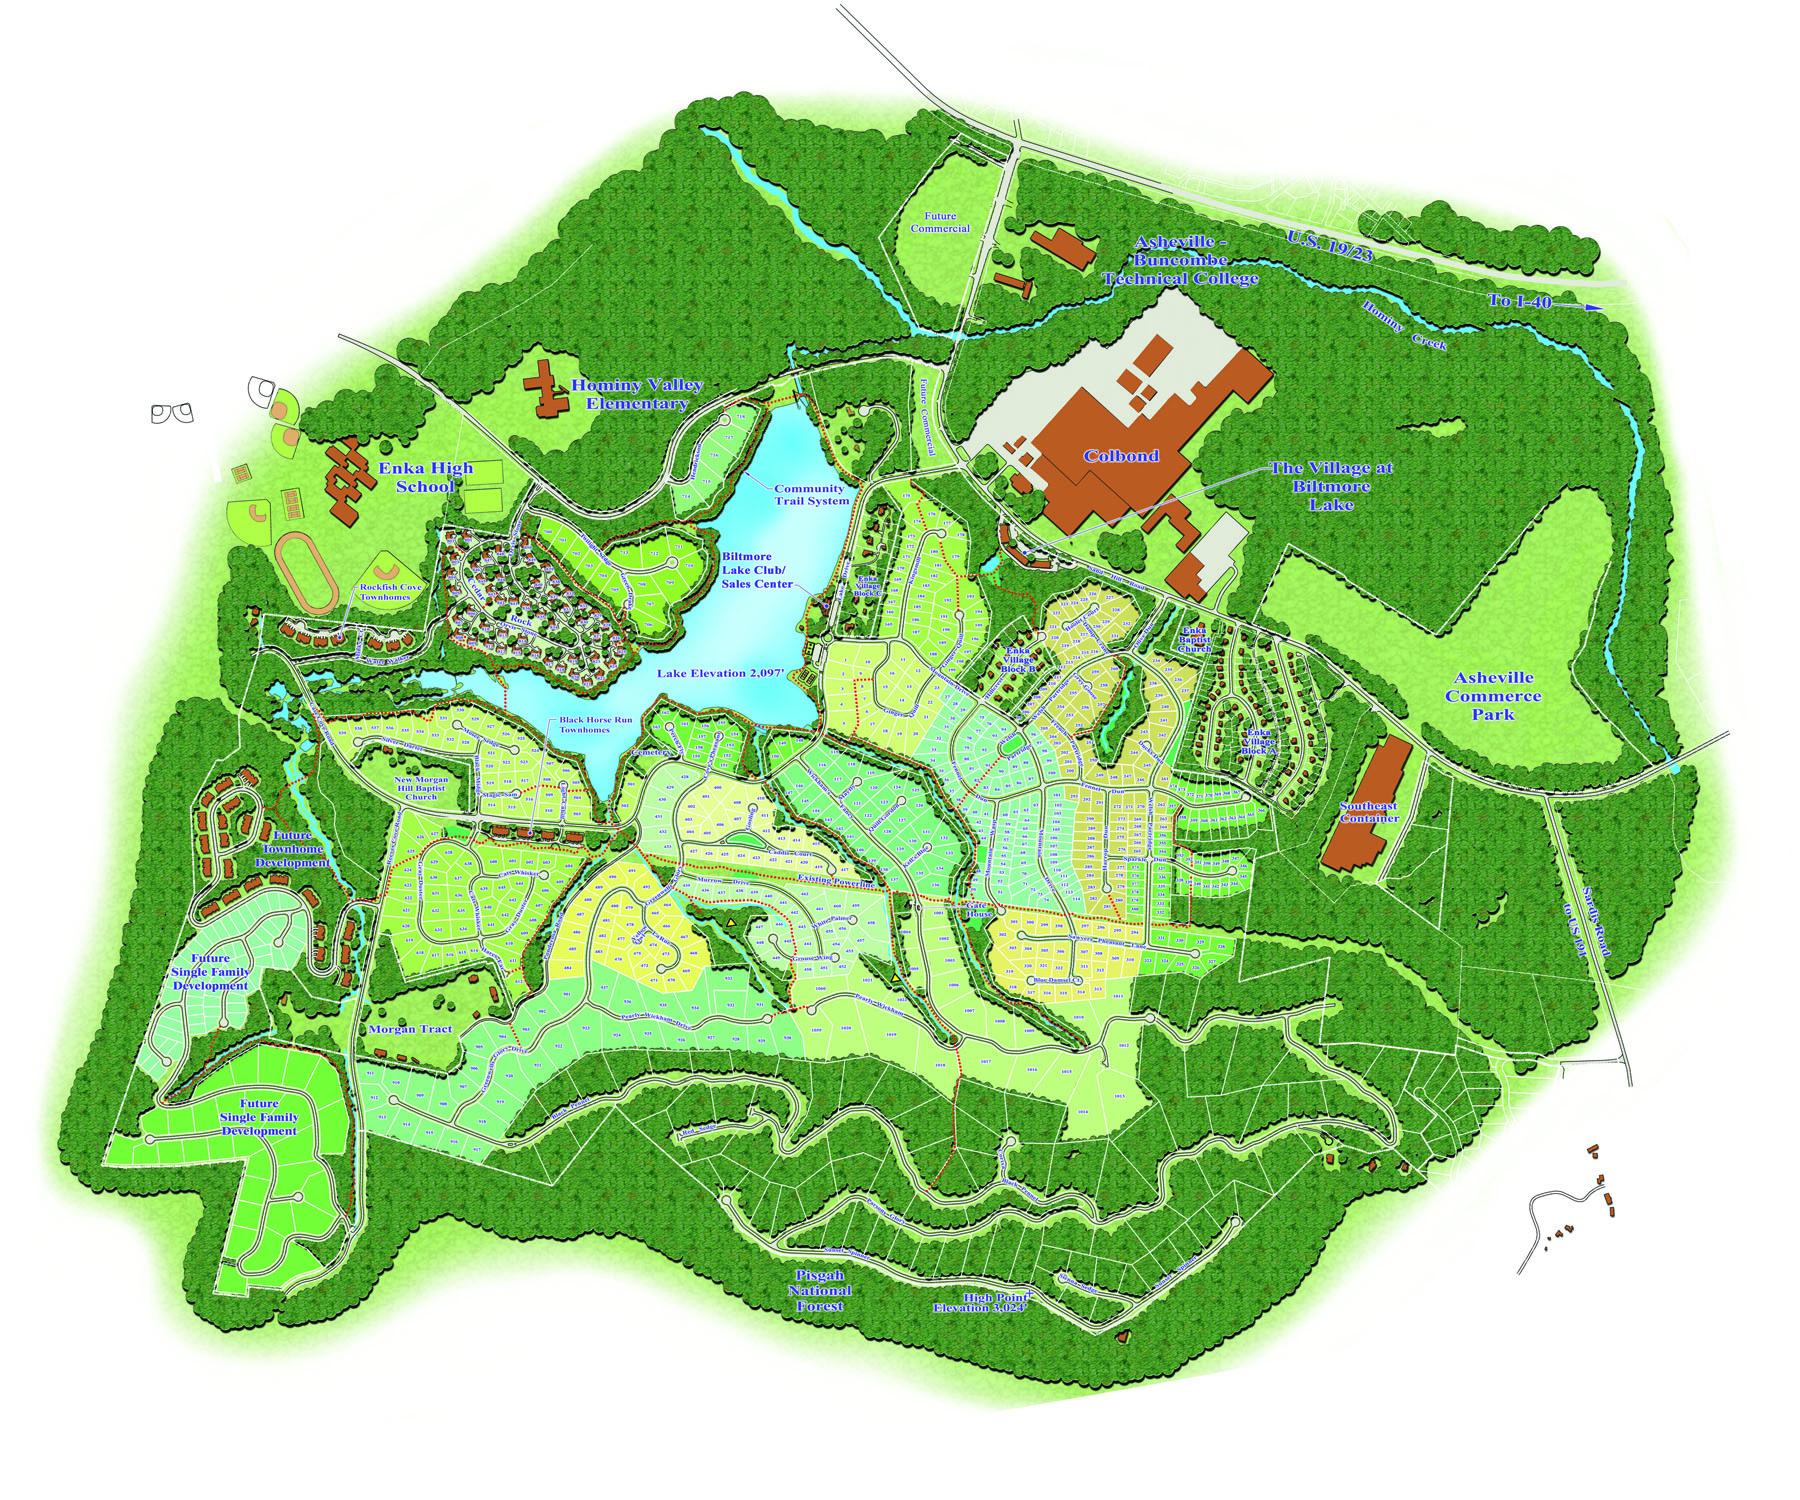 Biltmore Lake Master Plan